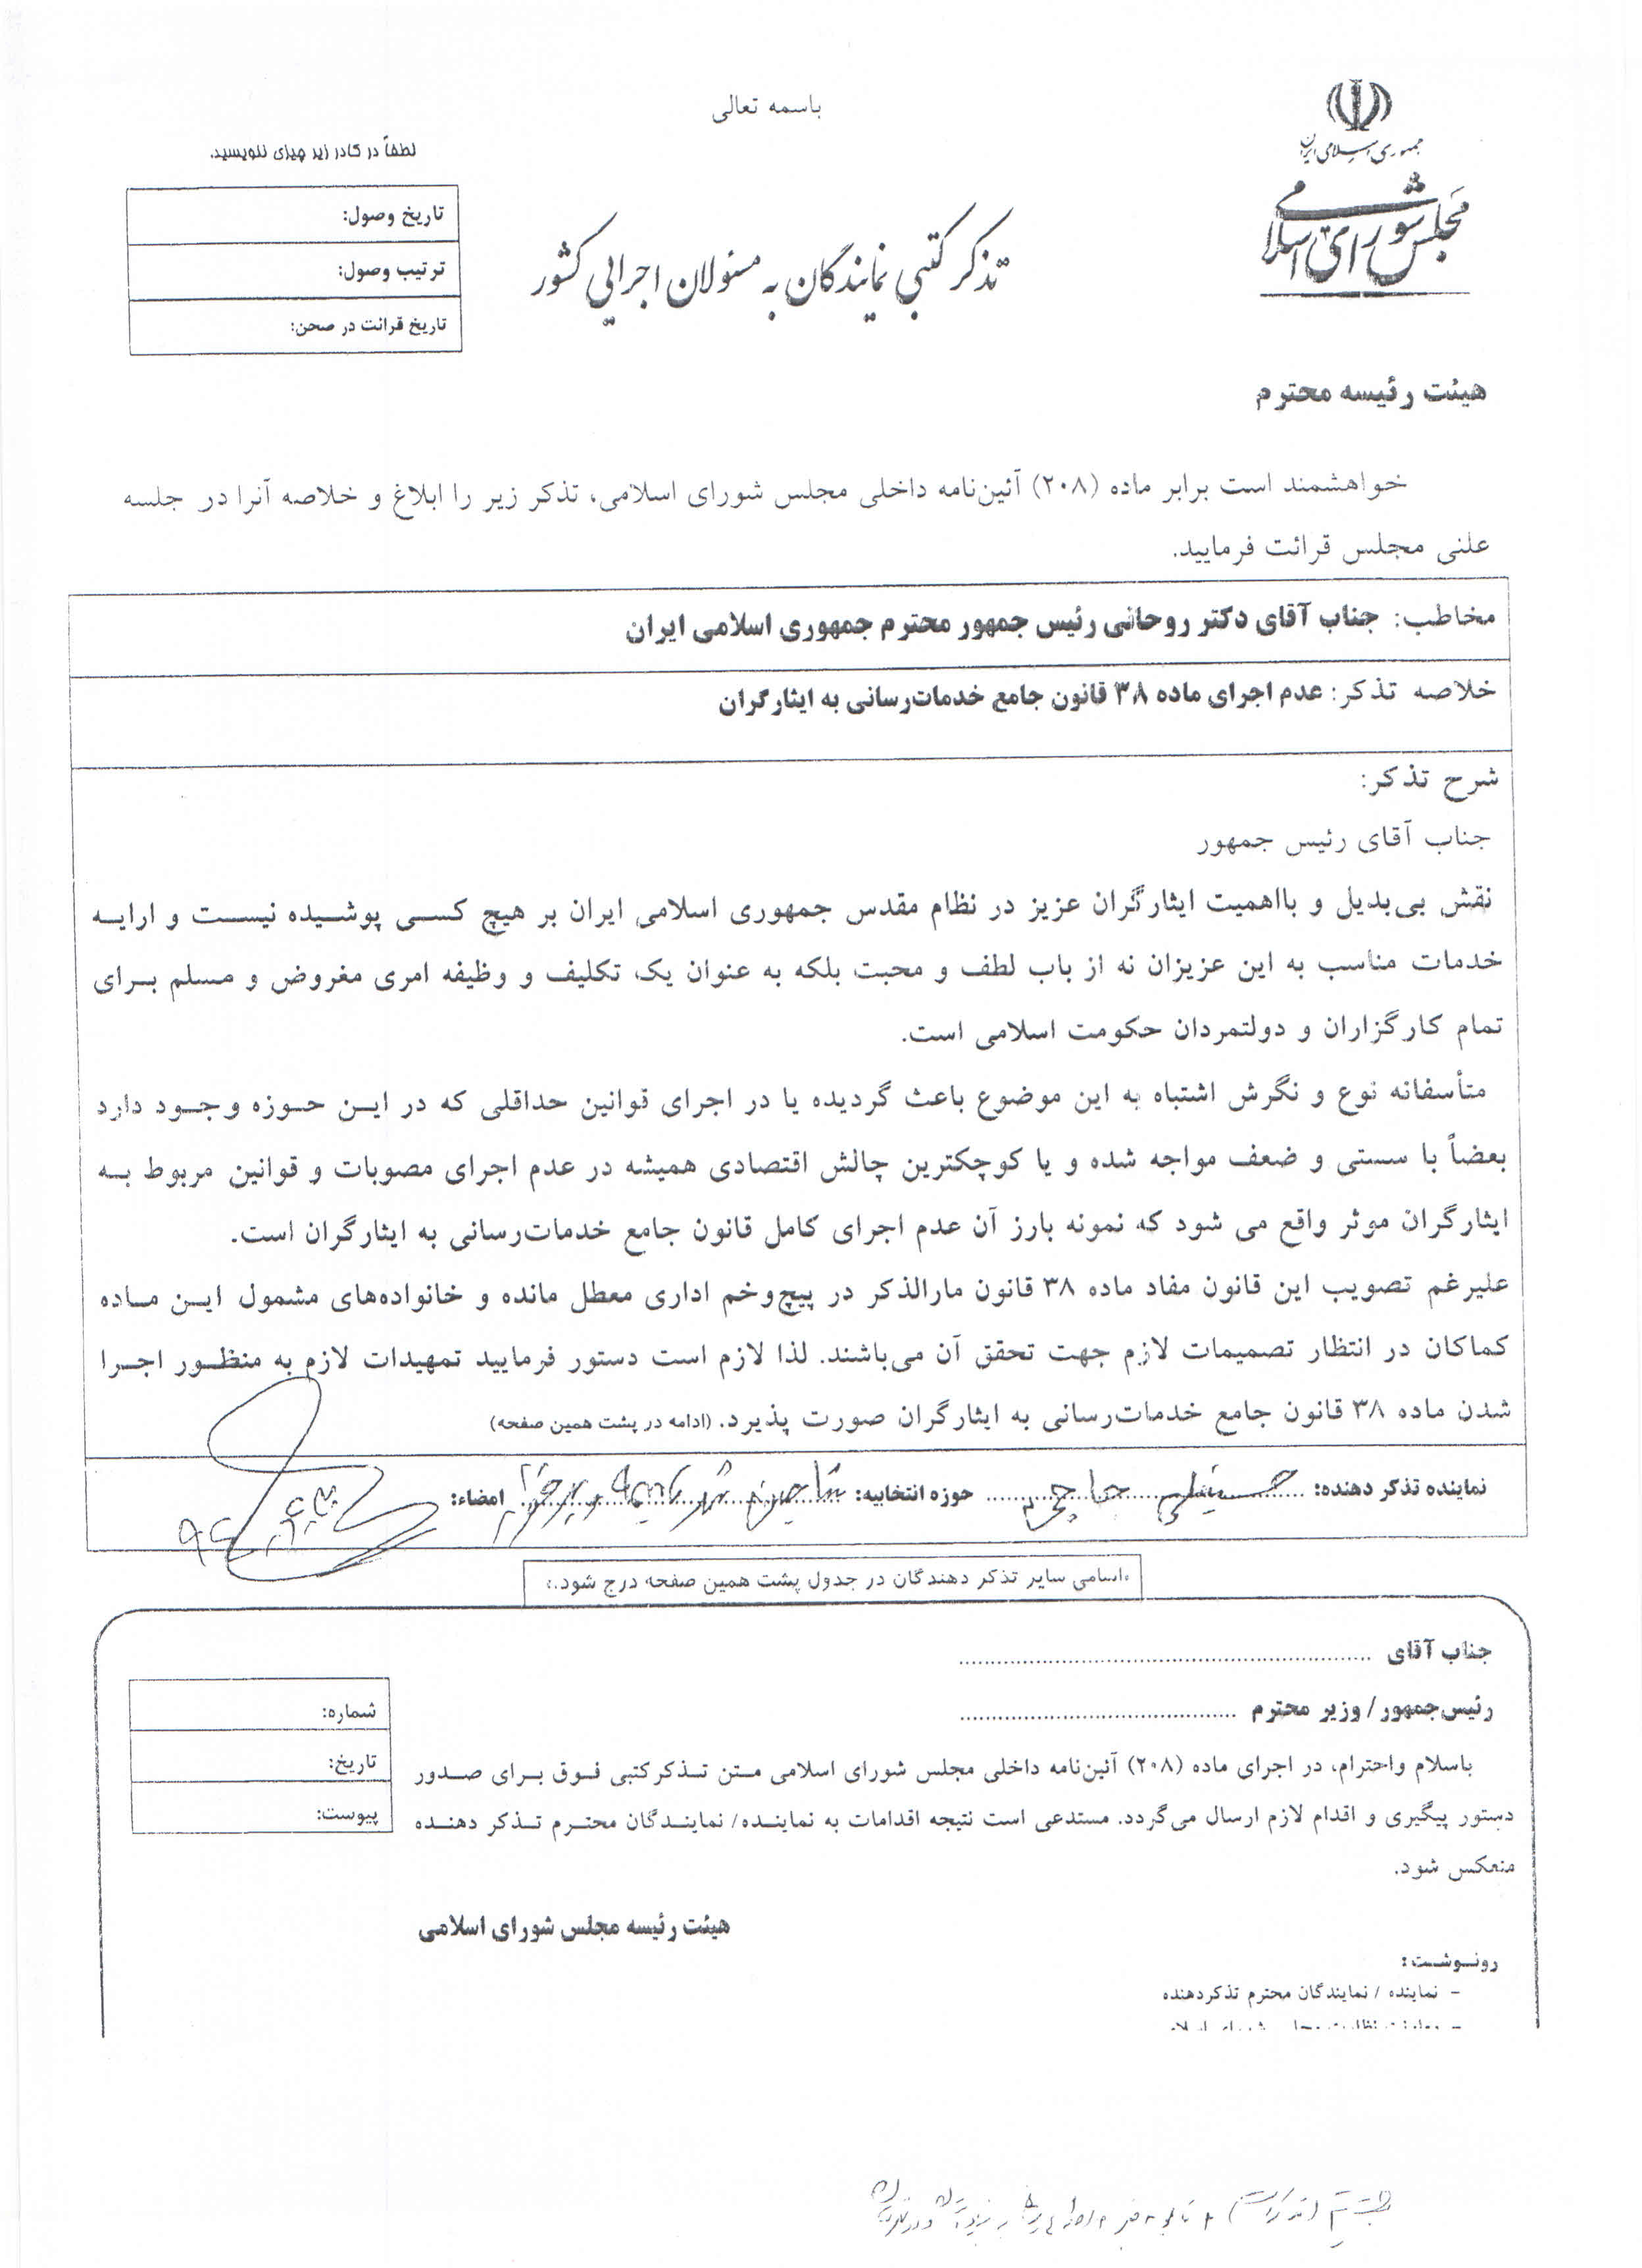 تذکرکتبی آقای حاجی به رئیس محترم جمهور